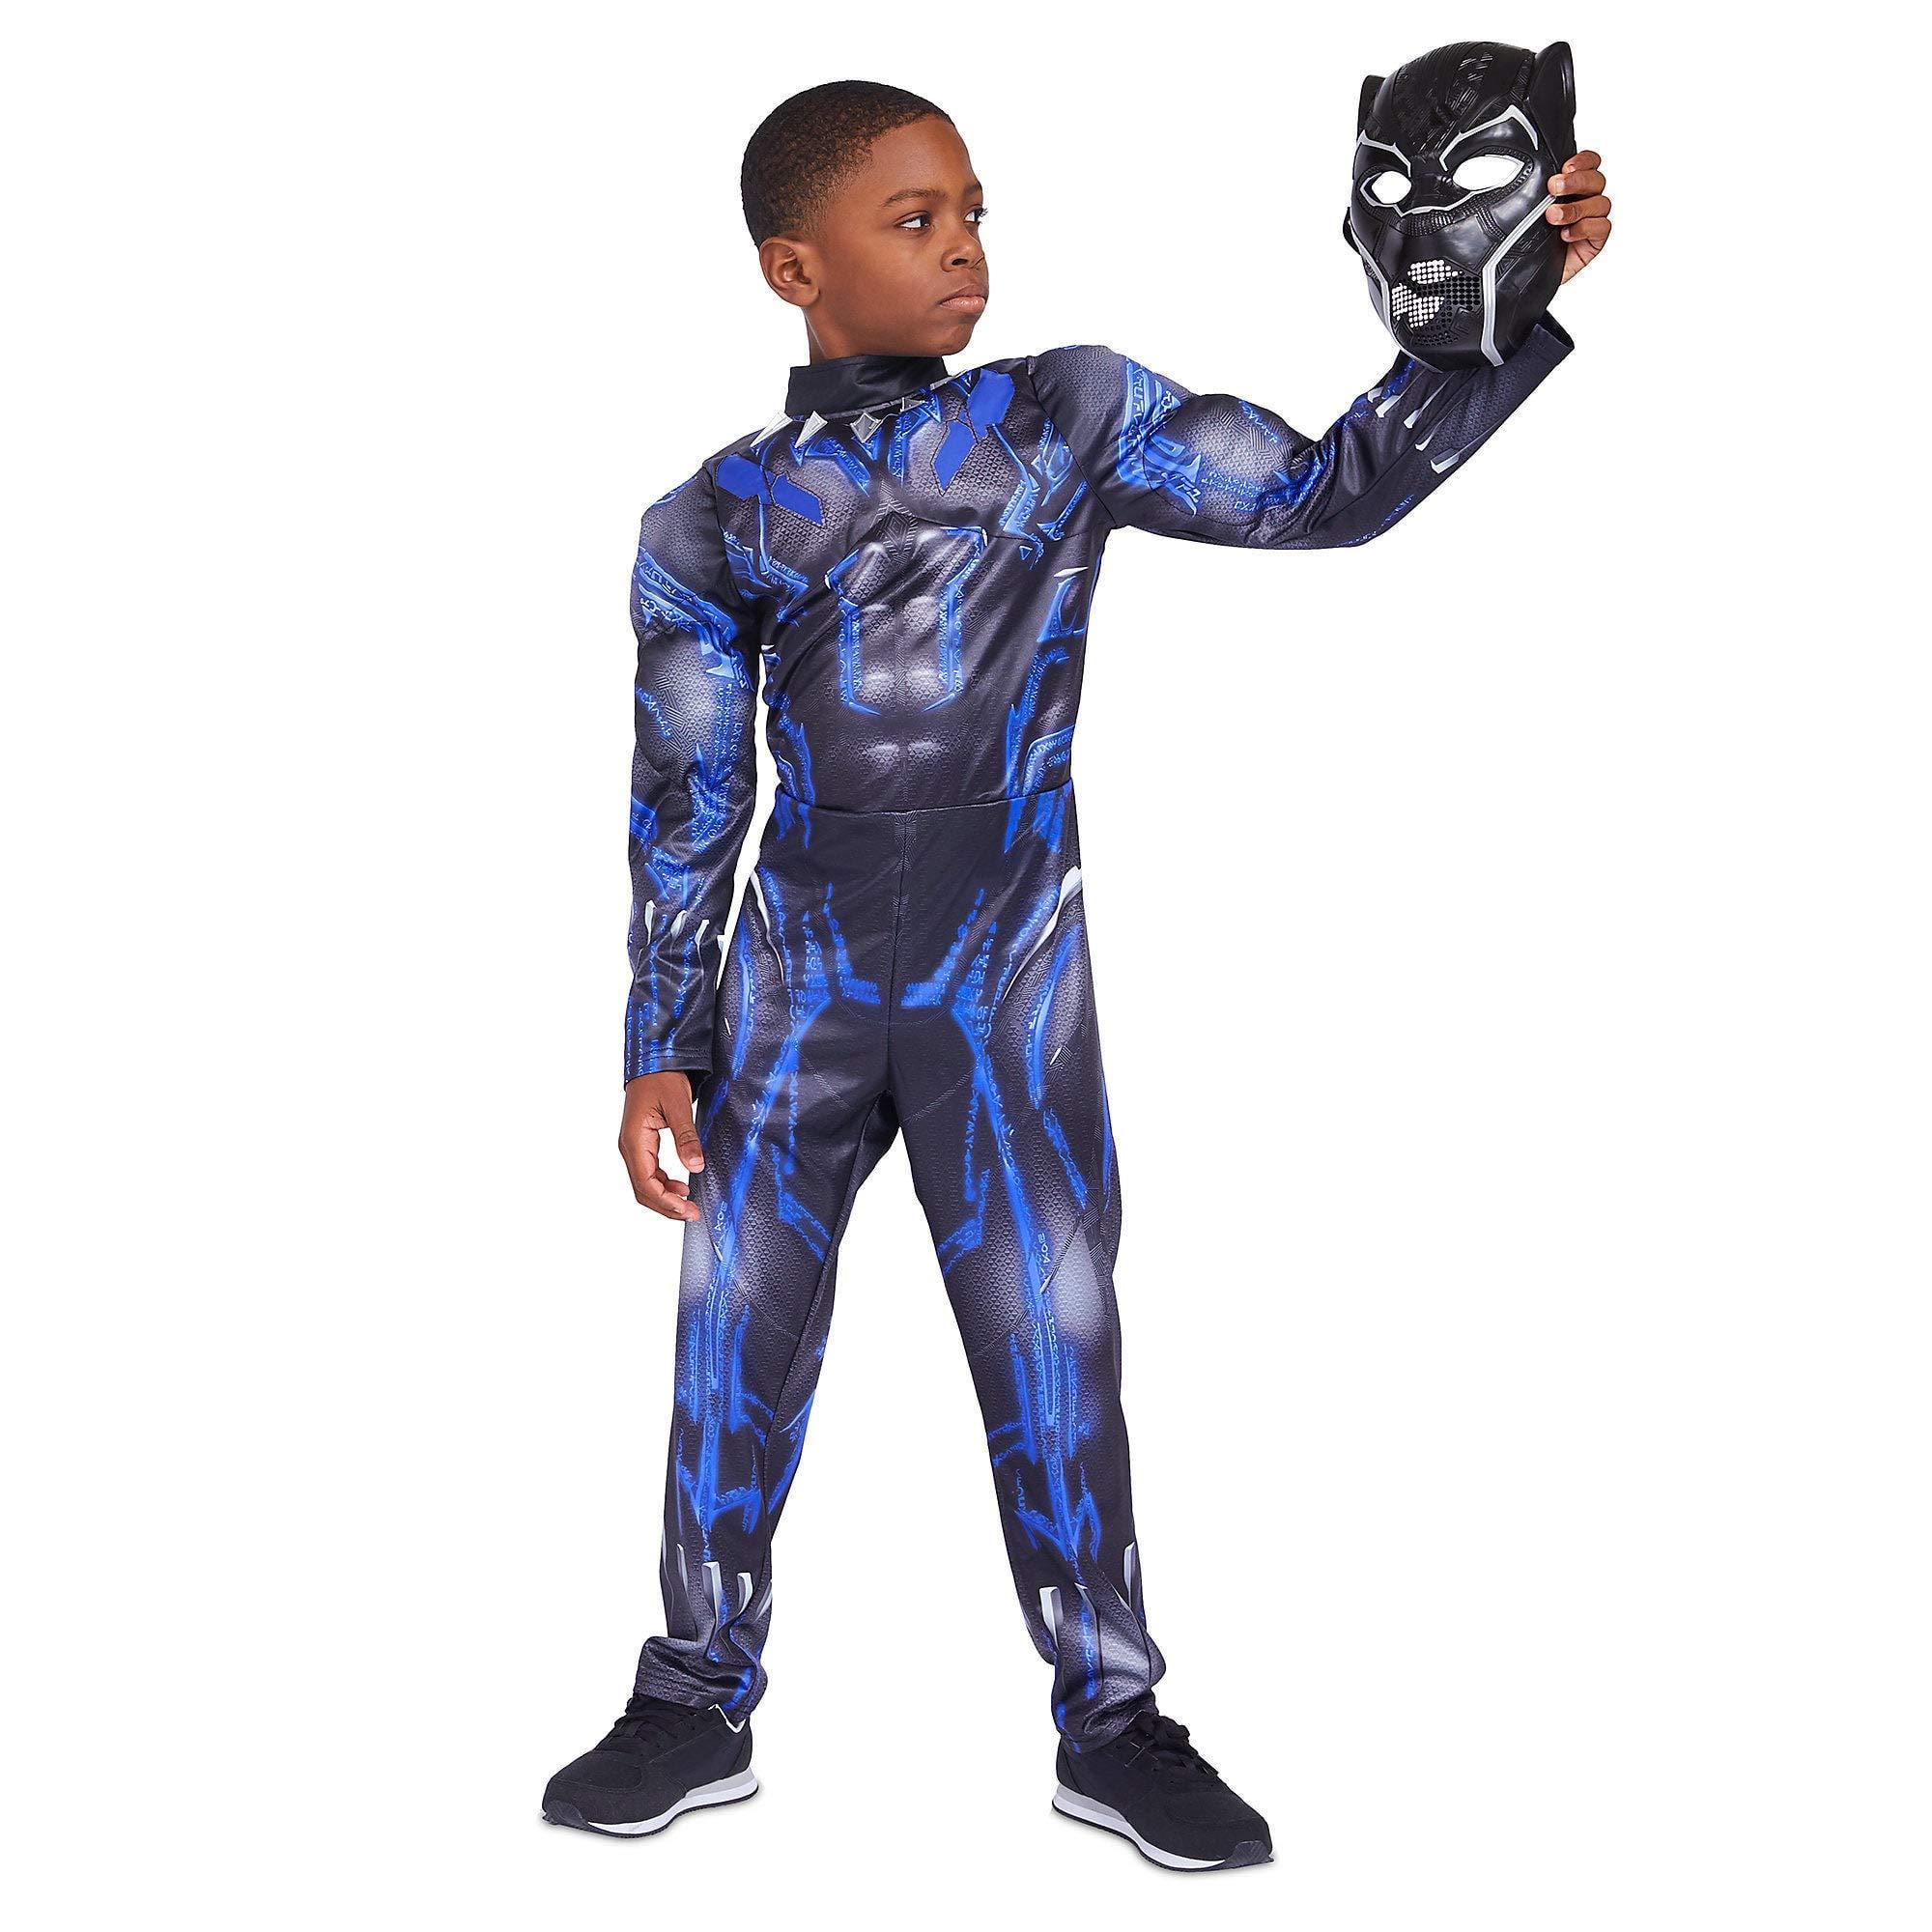 Marvel Black Panther Light-Up Costume for Kids Size 5/6 Black